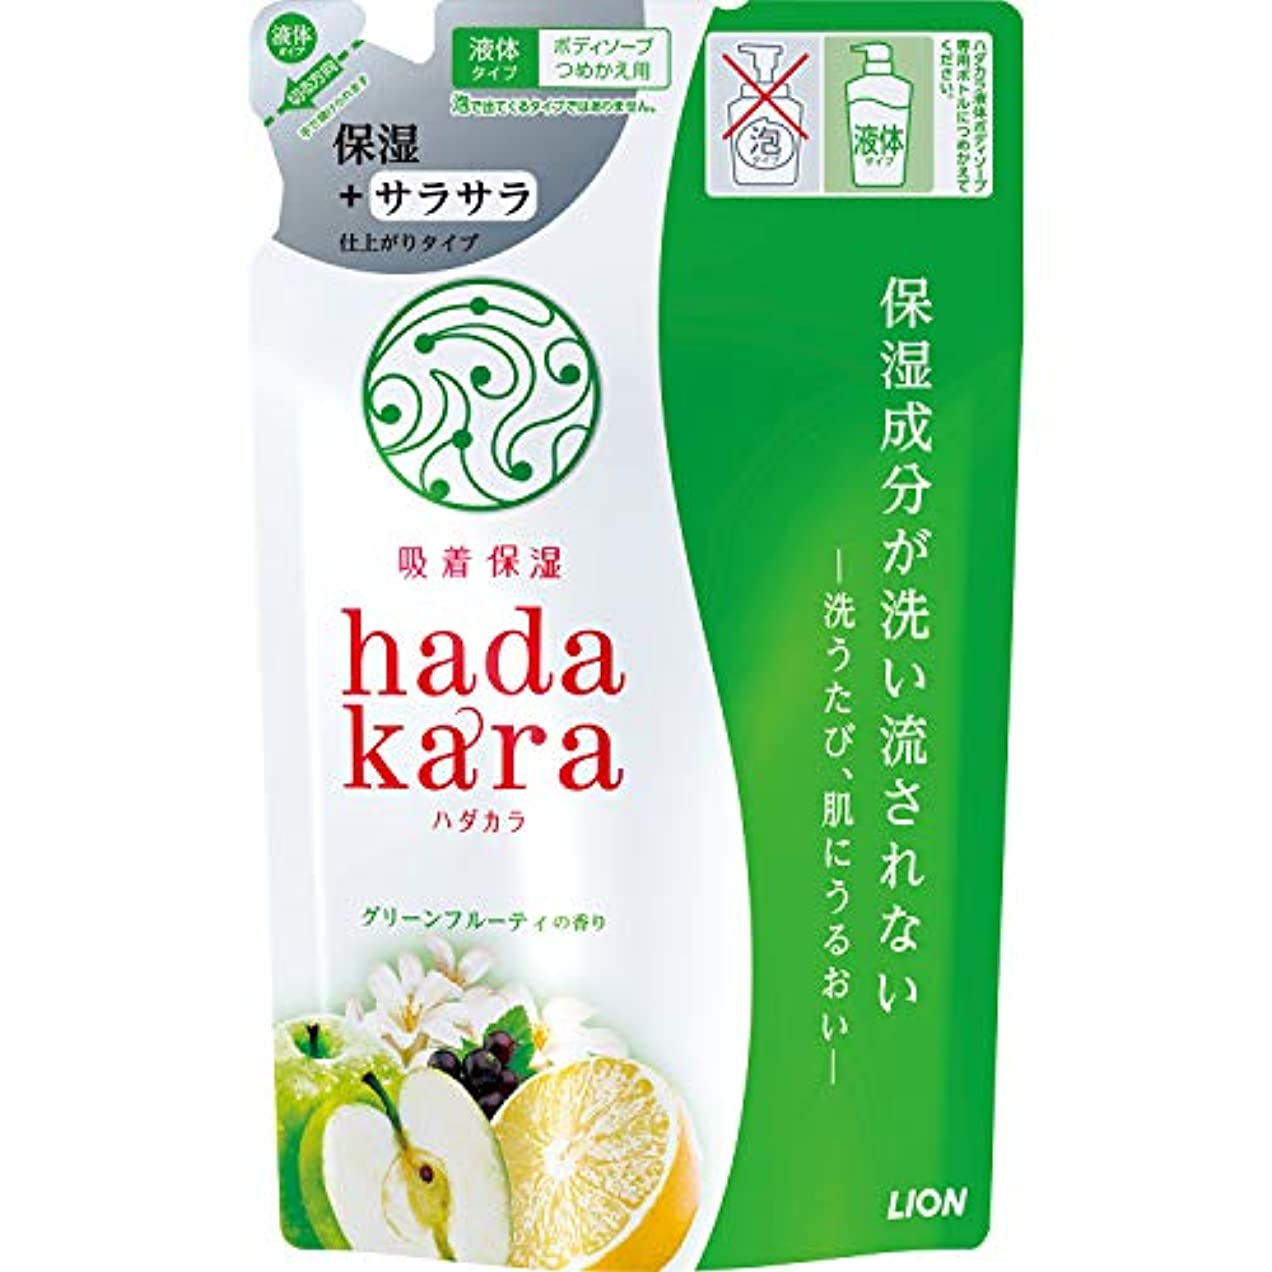 不毛の私たち残高hadakara(ハダカラ) ボディソープ 保湿+サラサラ仕上がりタイプ グリーンフルーティの香り 詰め替え 340ml